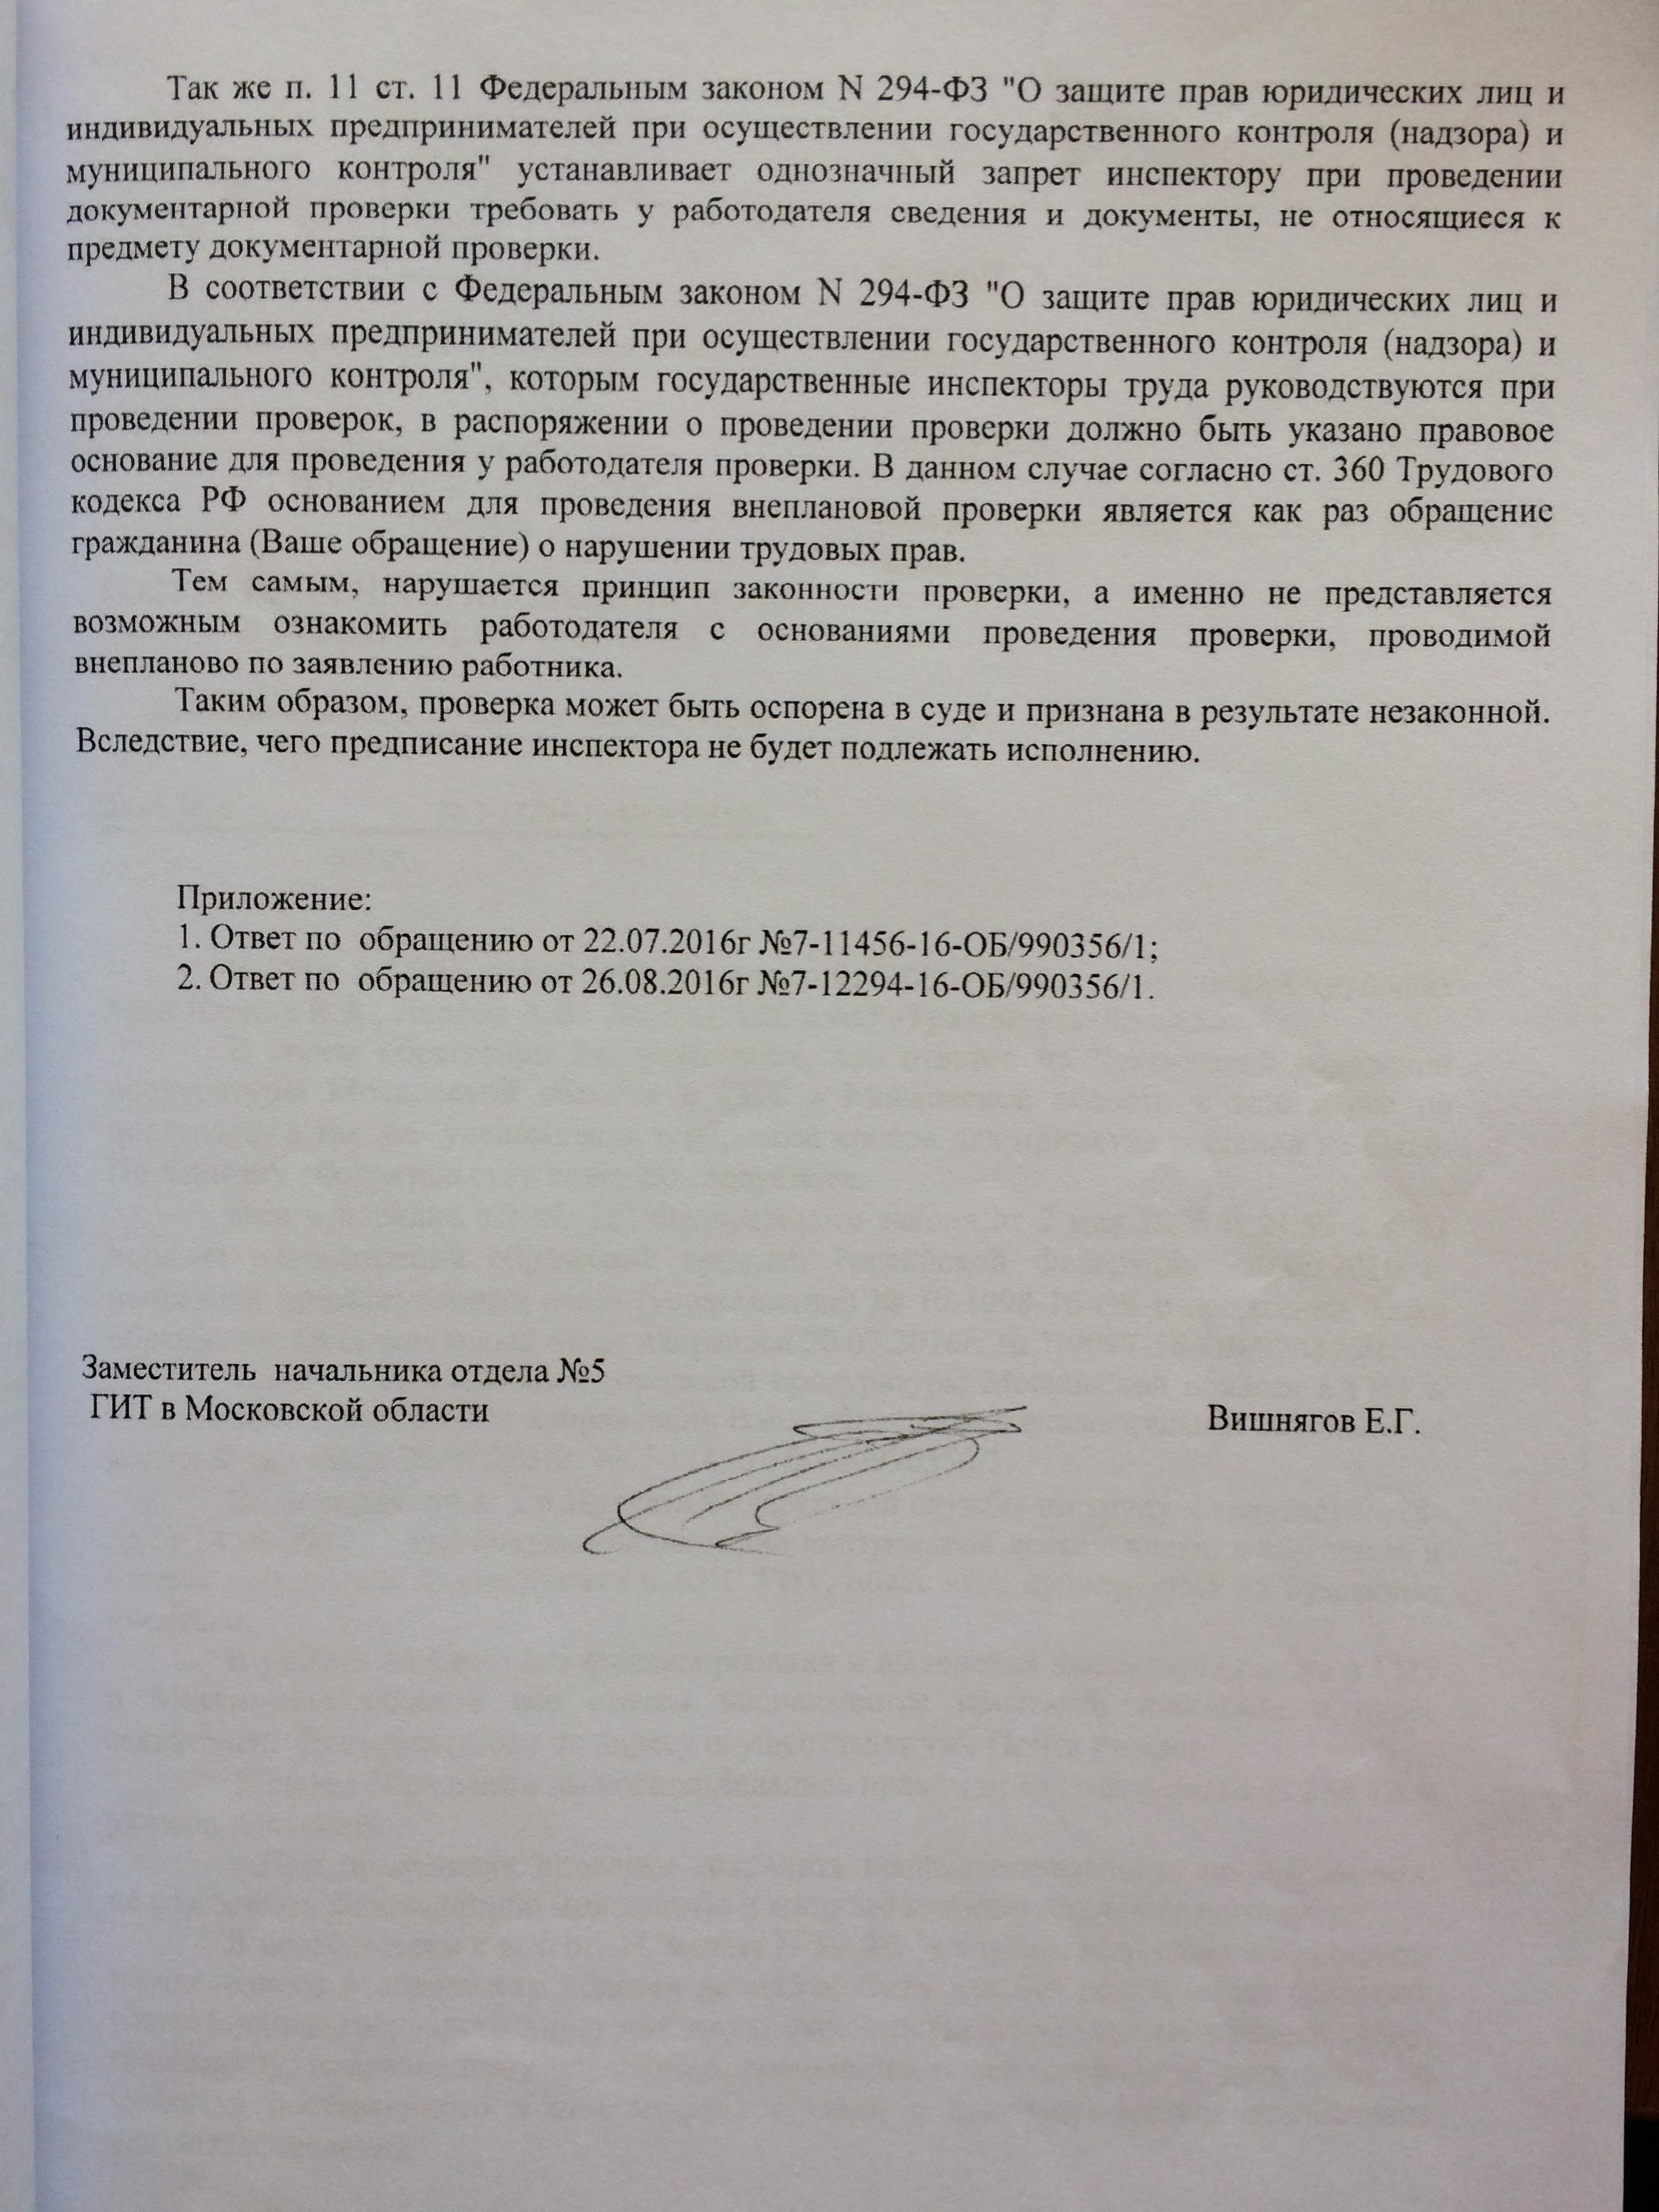 Фото документов проверки Луховицкой городской прокуратурой - 4 (5)